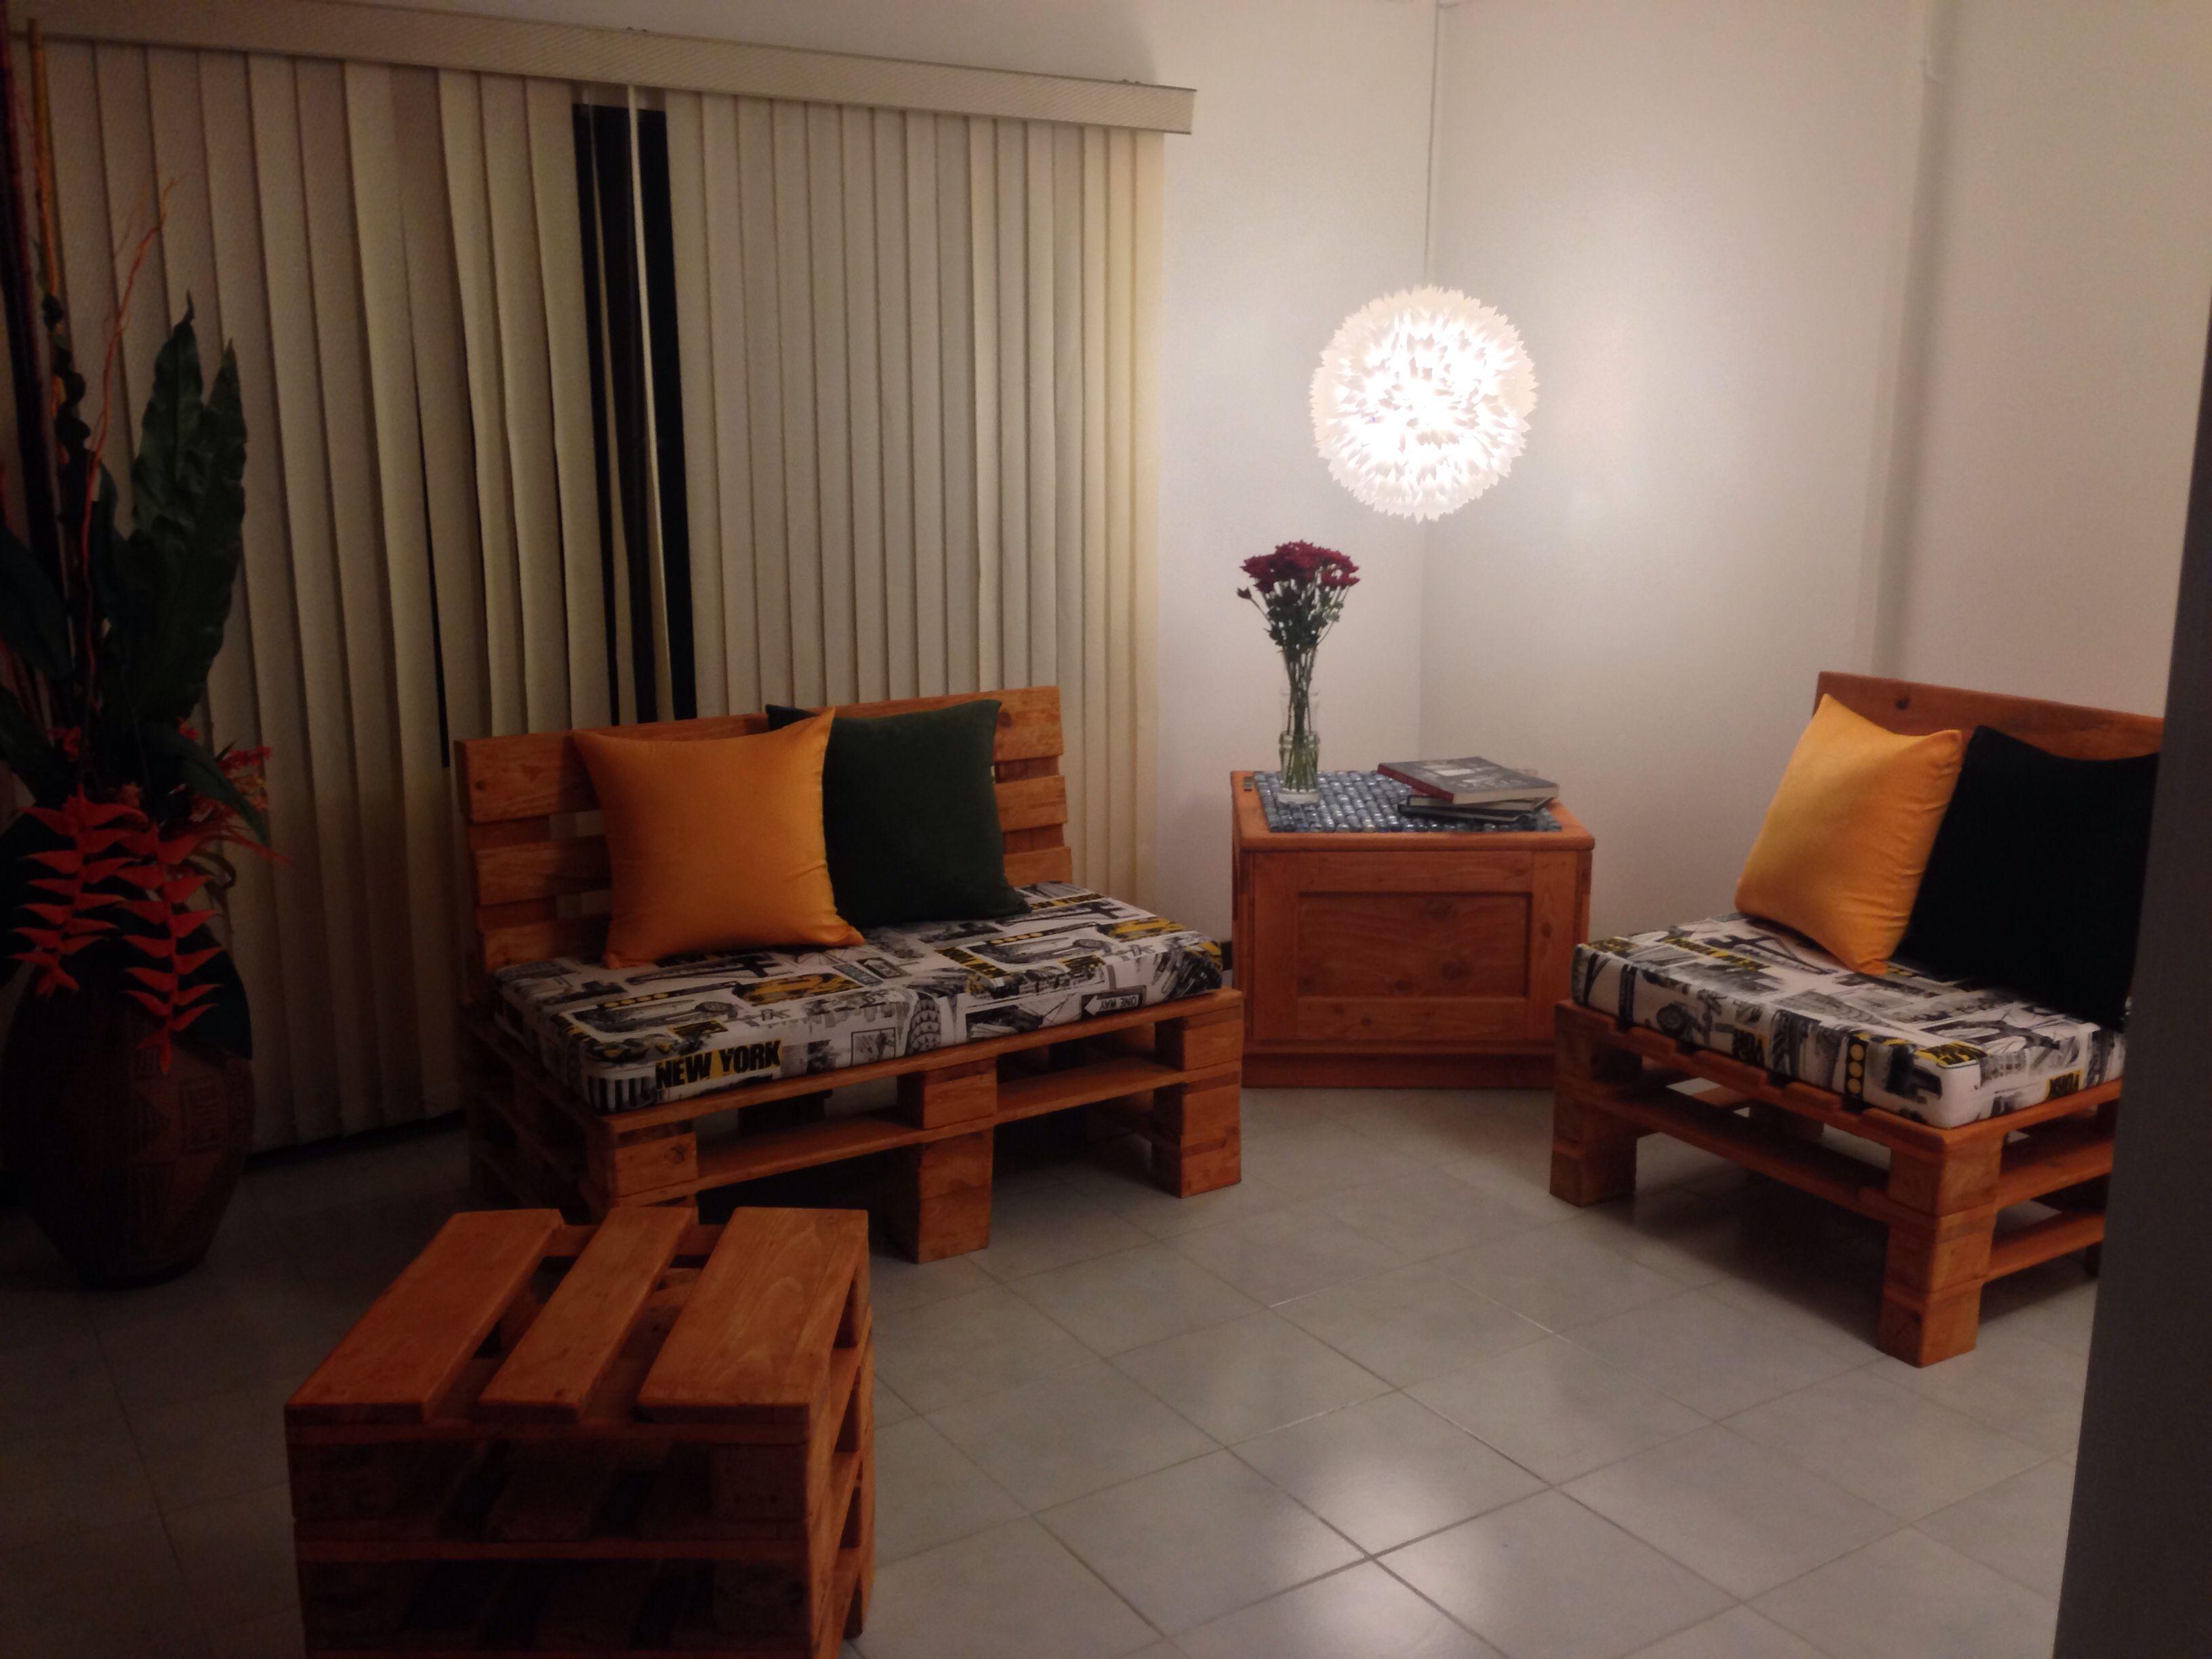 Sala hecha con estibas o palets un proyecto artesanal - Sillas hechas de palets ...